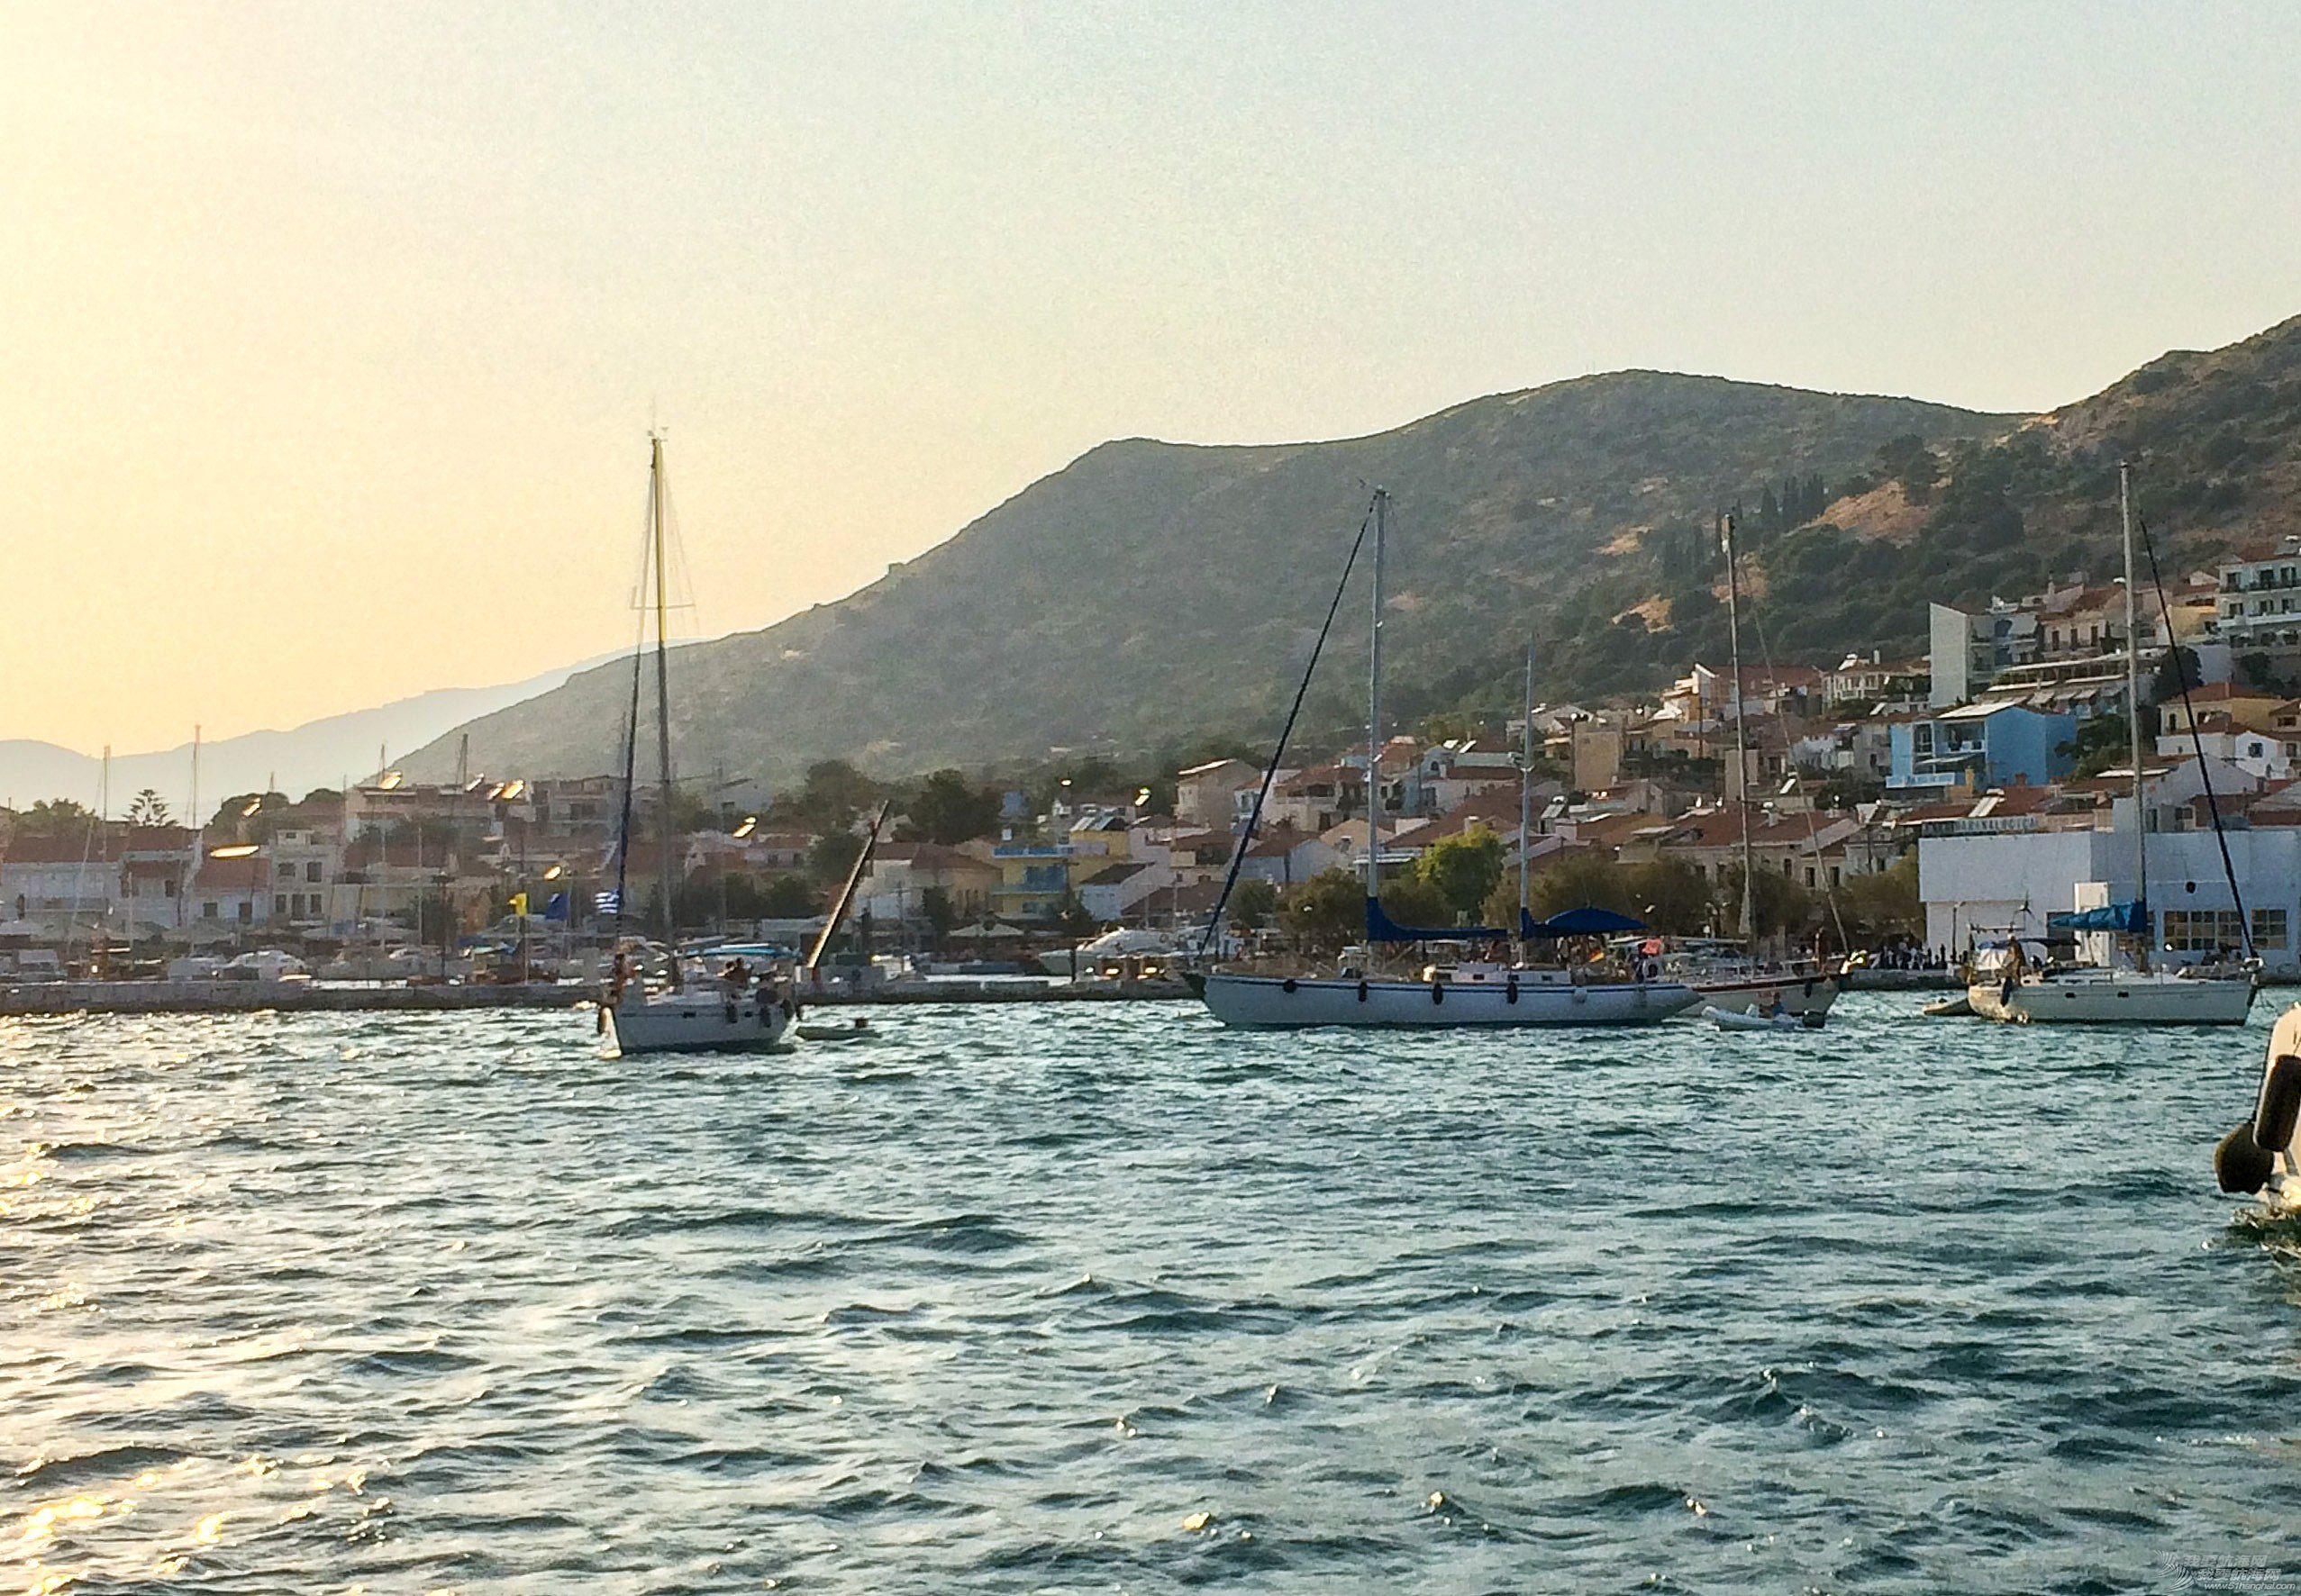 而且,希腊爱琴海,照相机,戏剧性,帆船 你经历过强风使所有的帆船拖锚吗?